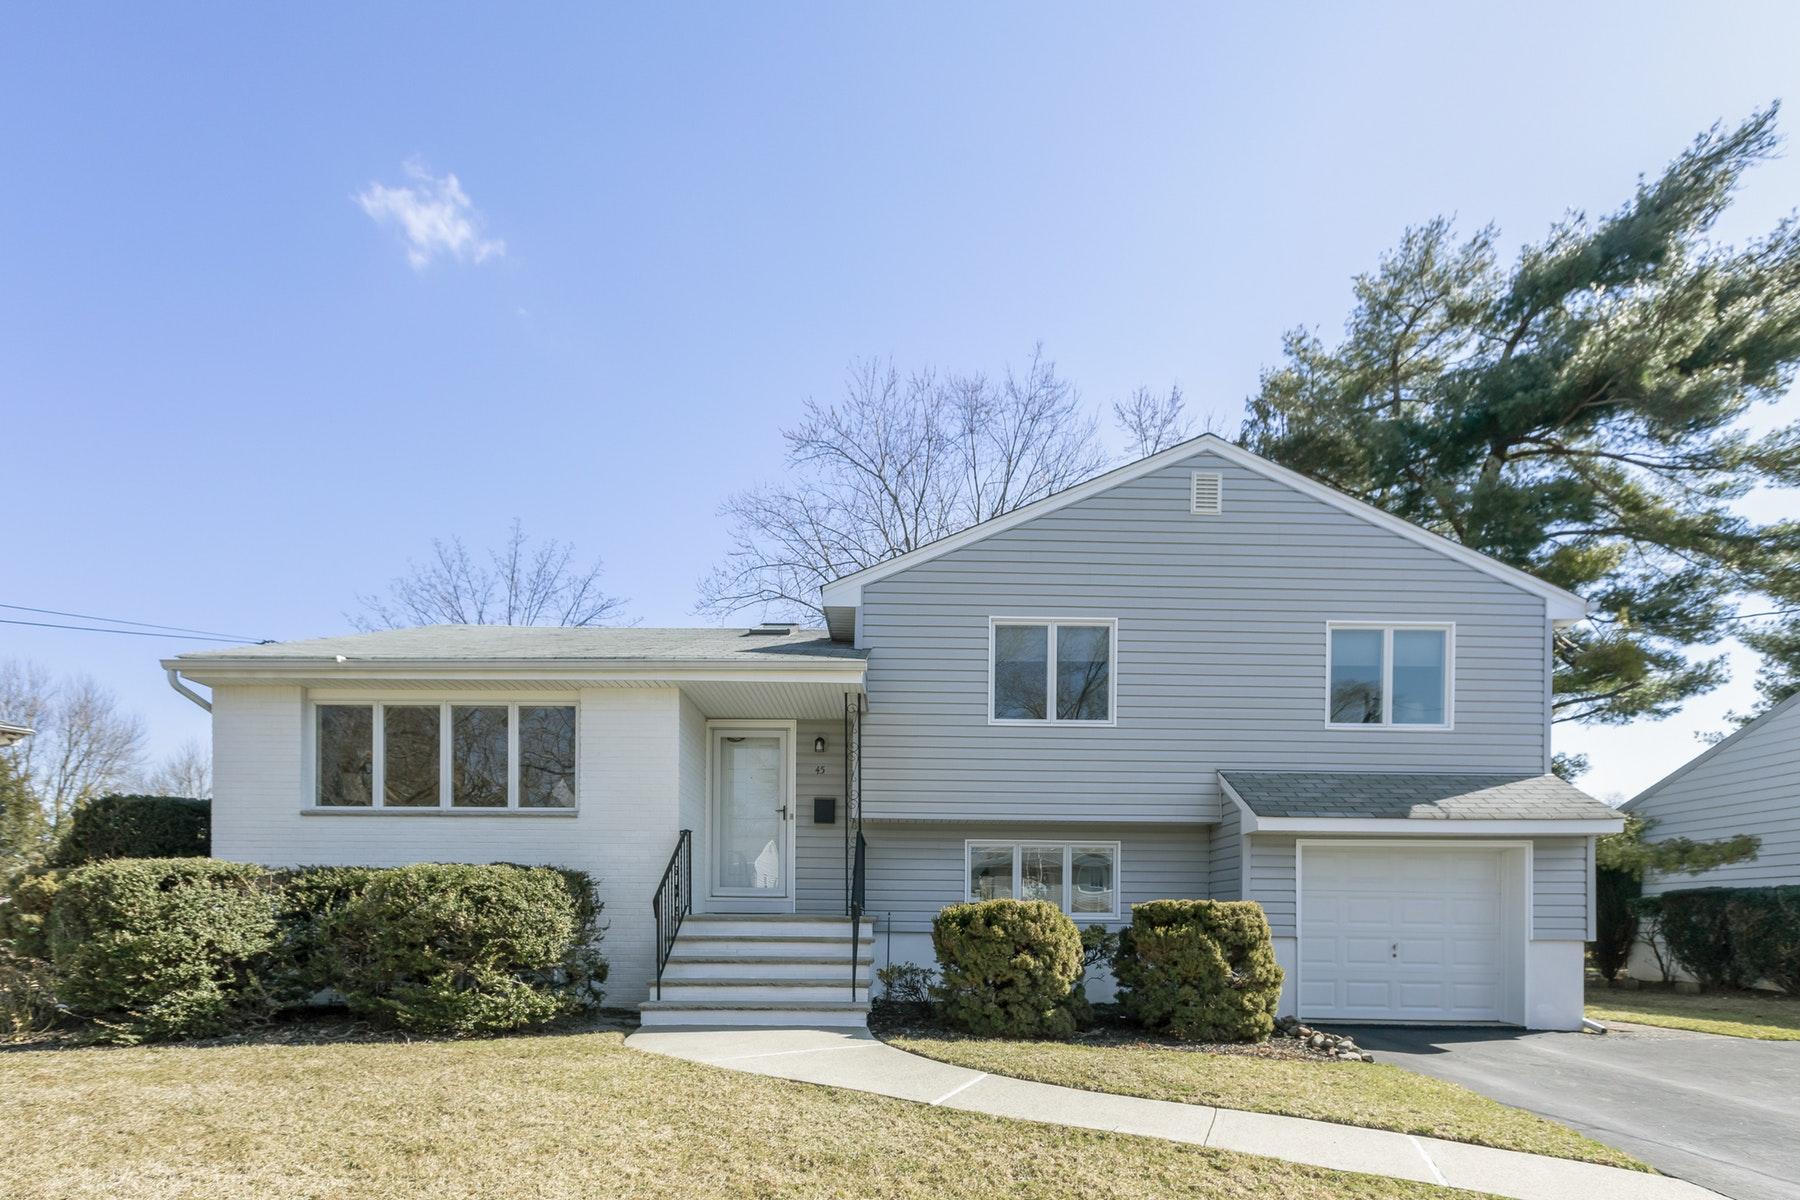 Maison unifamiliale pour l Vente à A Truly Turn-Key Fair Lawn Home. 45 Kershner Place, Fair Lawn, New Jersey 07410 États-Unis